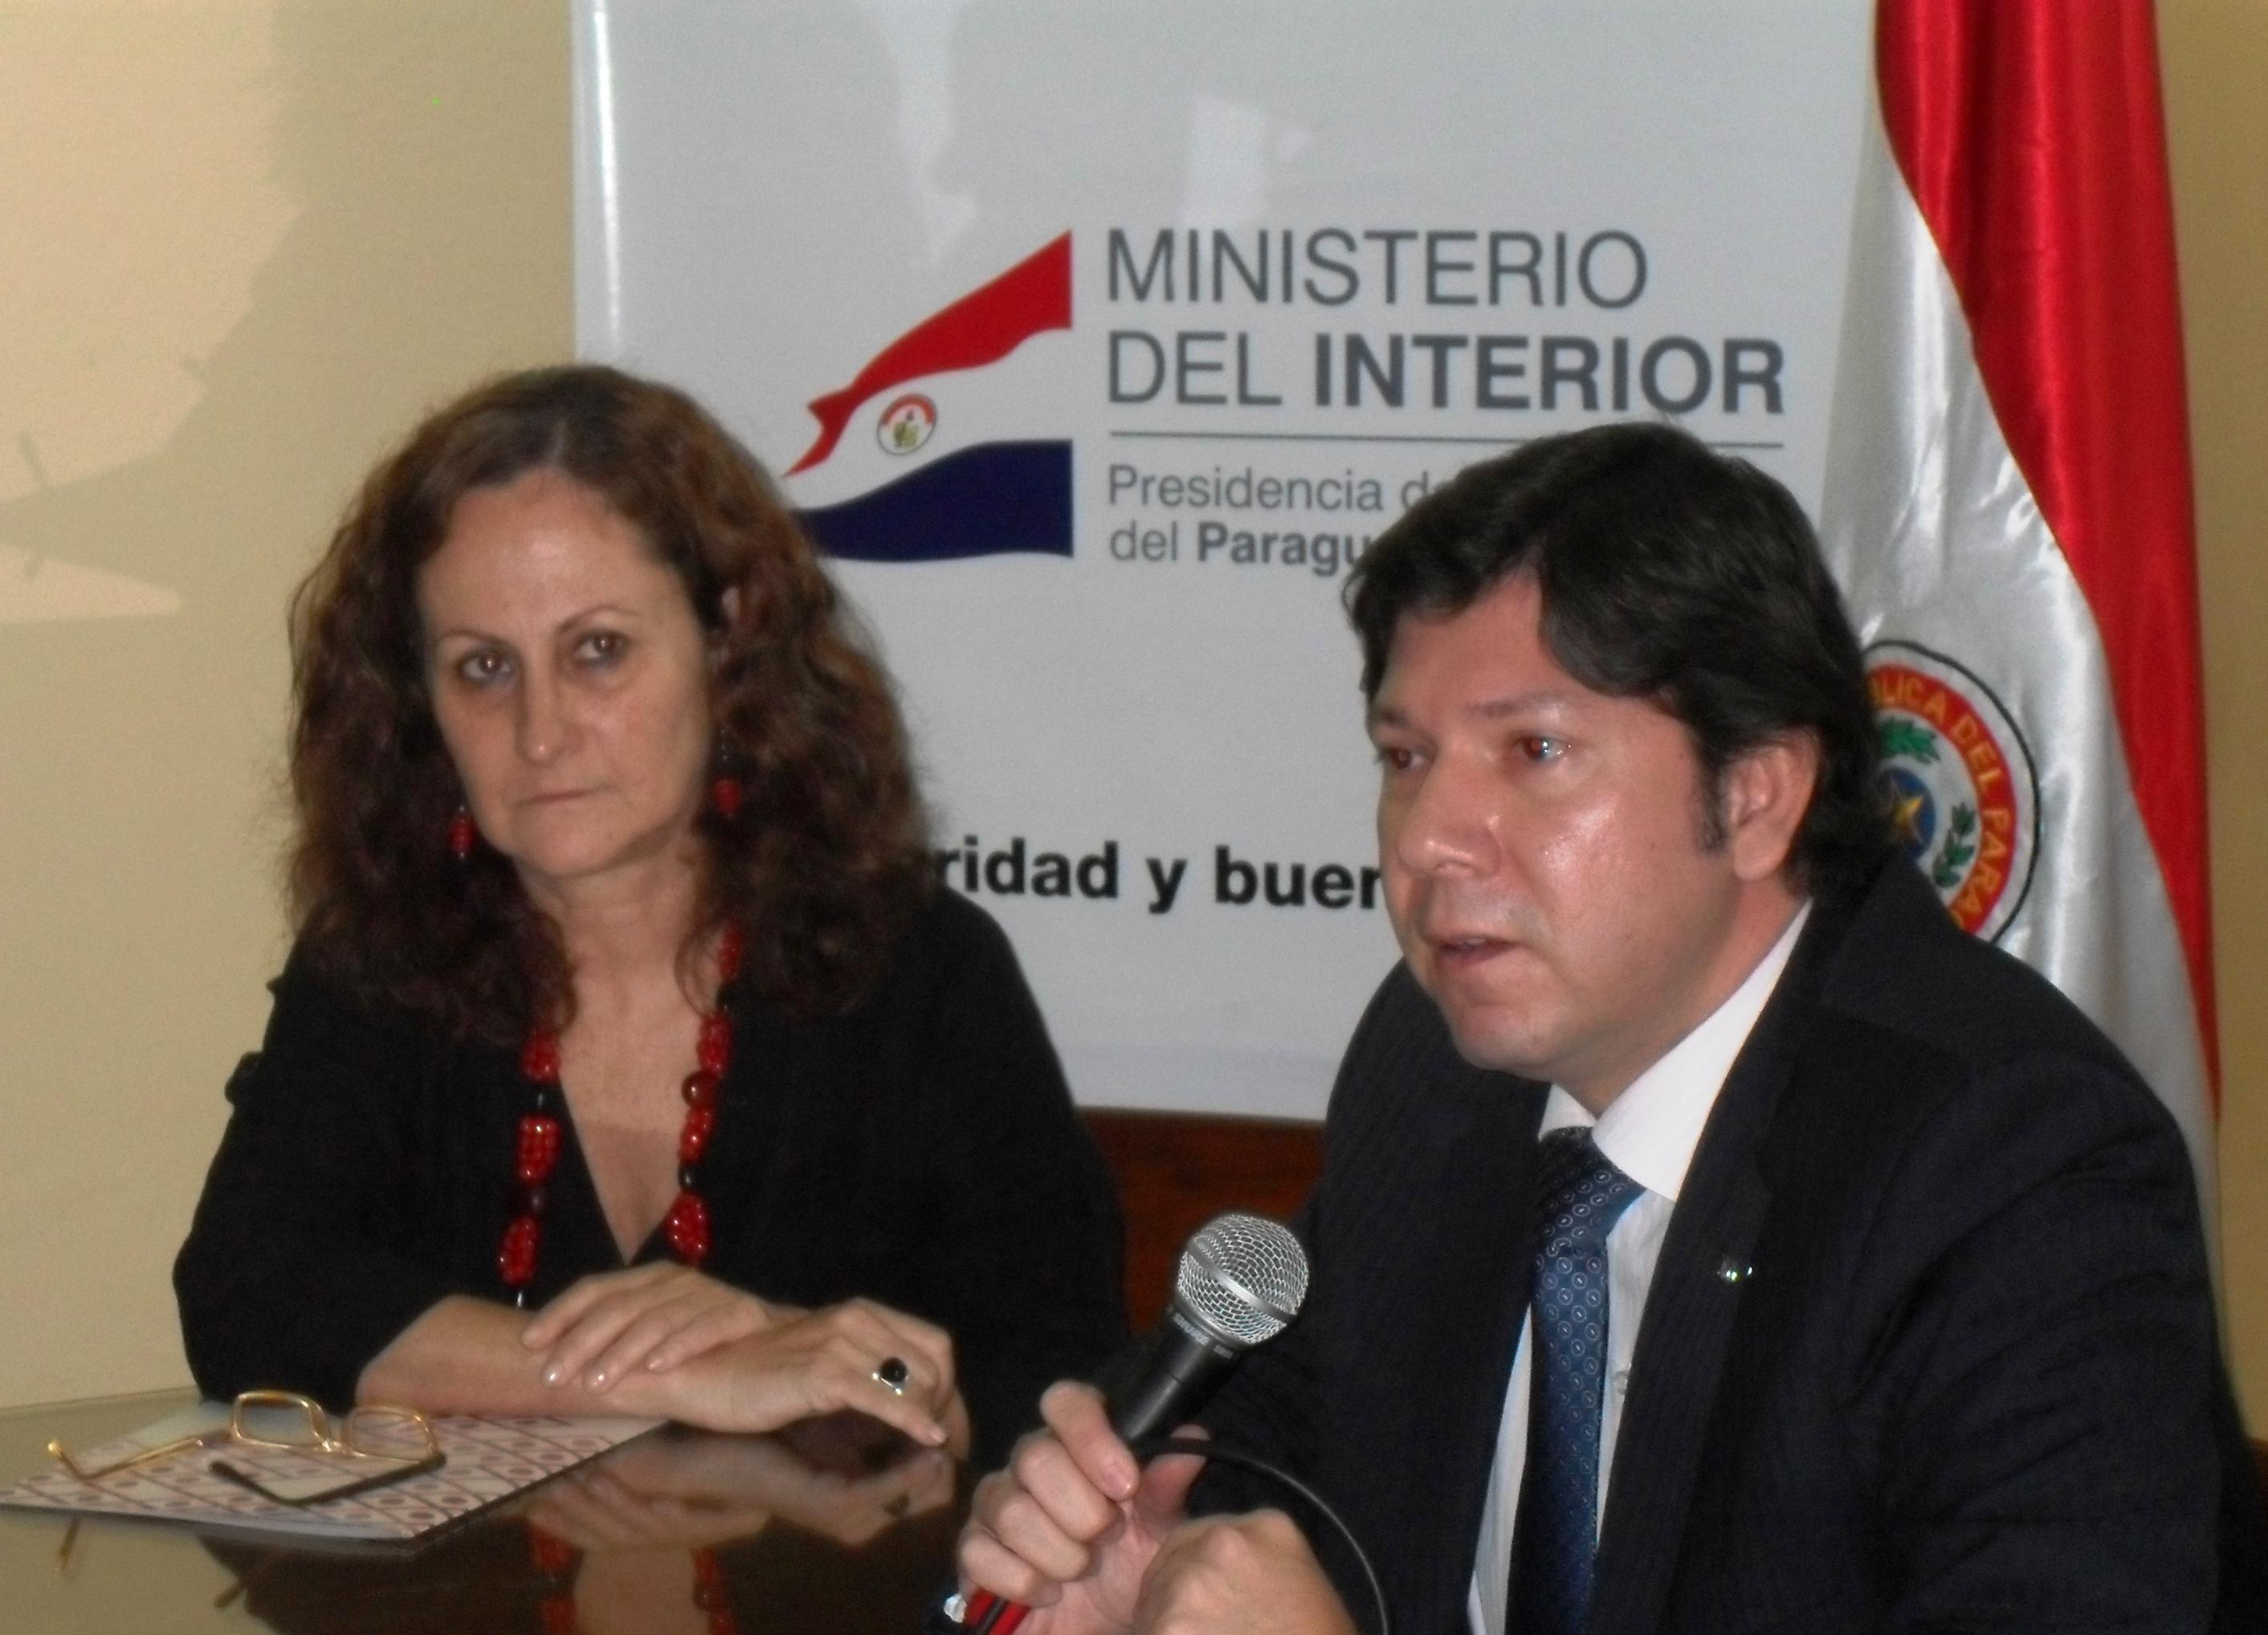 Diego Gamarra, Viceministro de Asuntos Políticos del Ministerio del Interior y Marta Ferrara, Directora Ejecutiva de Semillas suscribieron el acuerdo